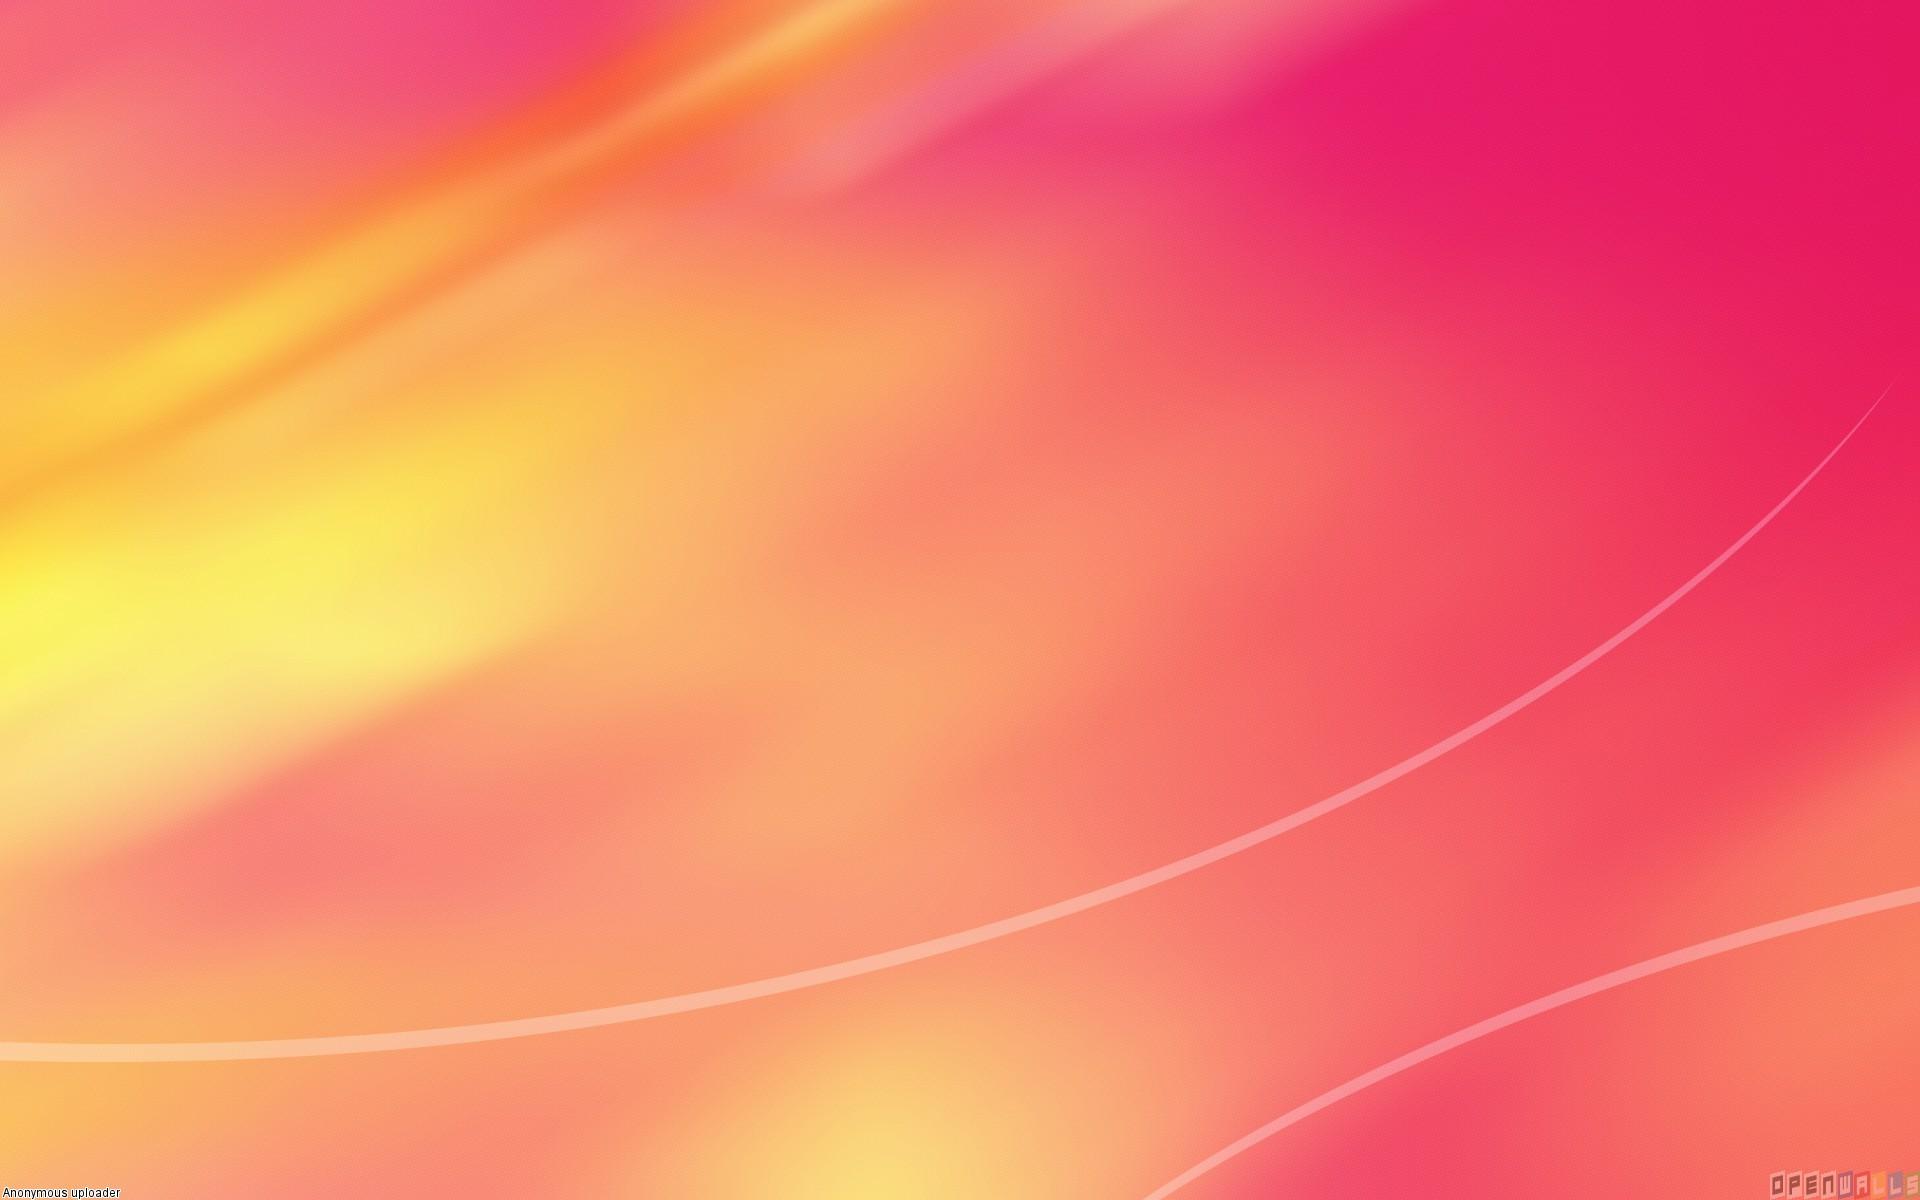 Pink and Orange Wallpaper - WallpaperSafari